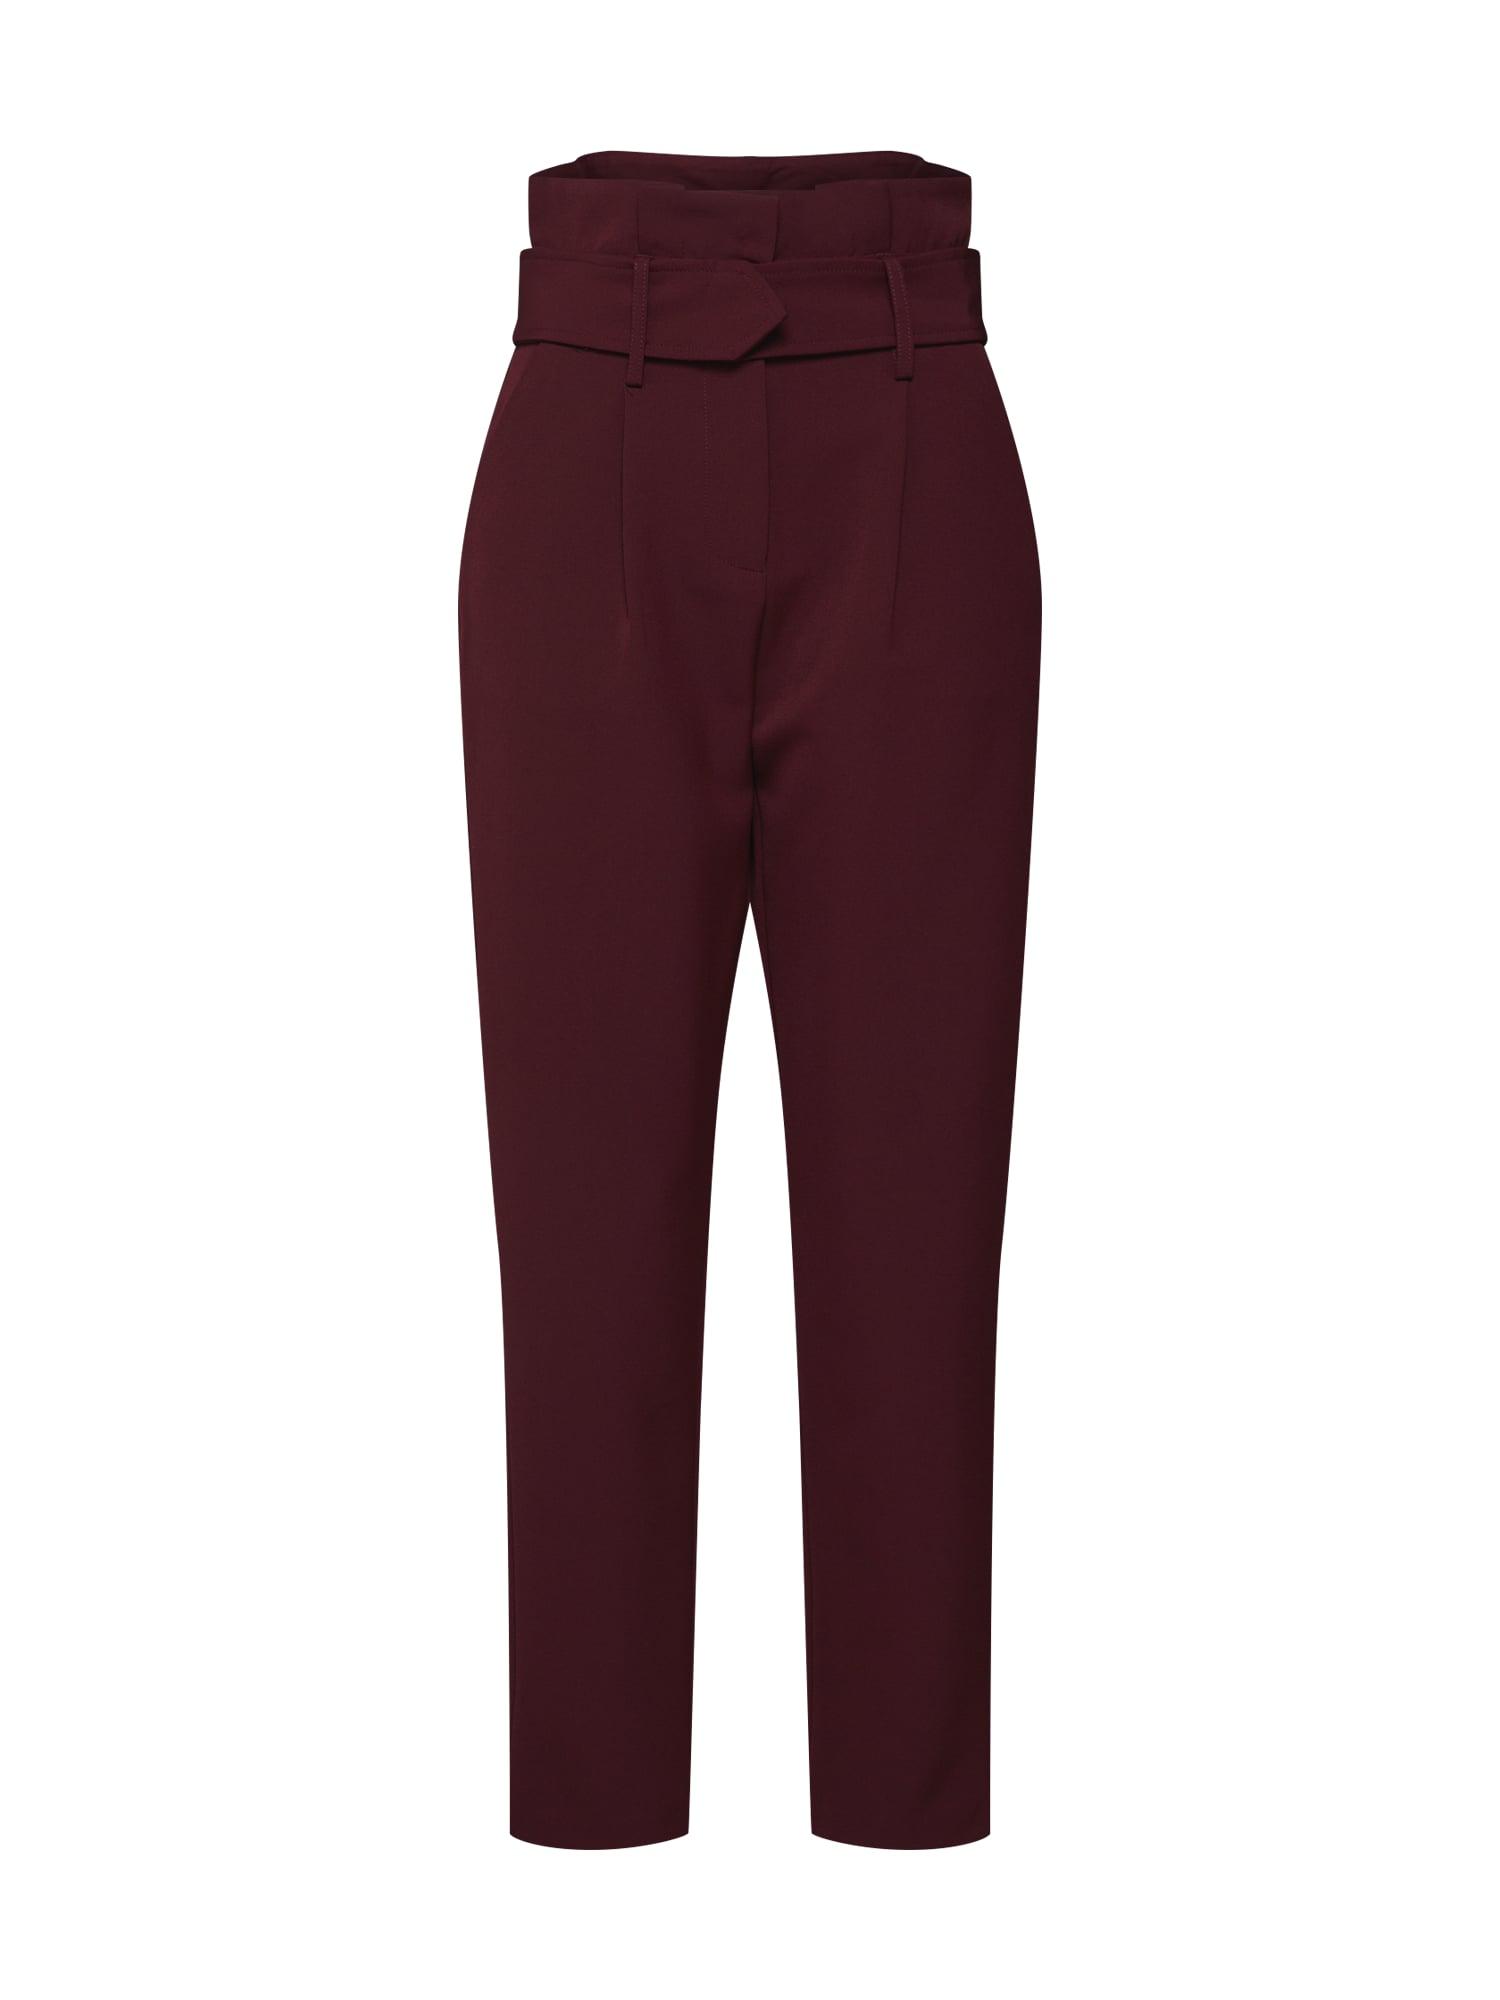 Kalhoty se sklady v pase TAILORED PEG TROUSER burgundská červeň Lost Ink